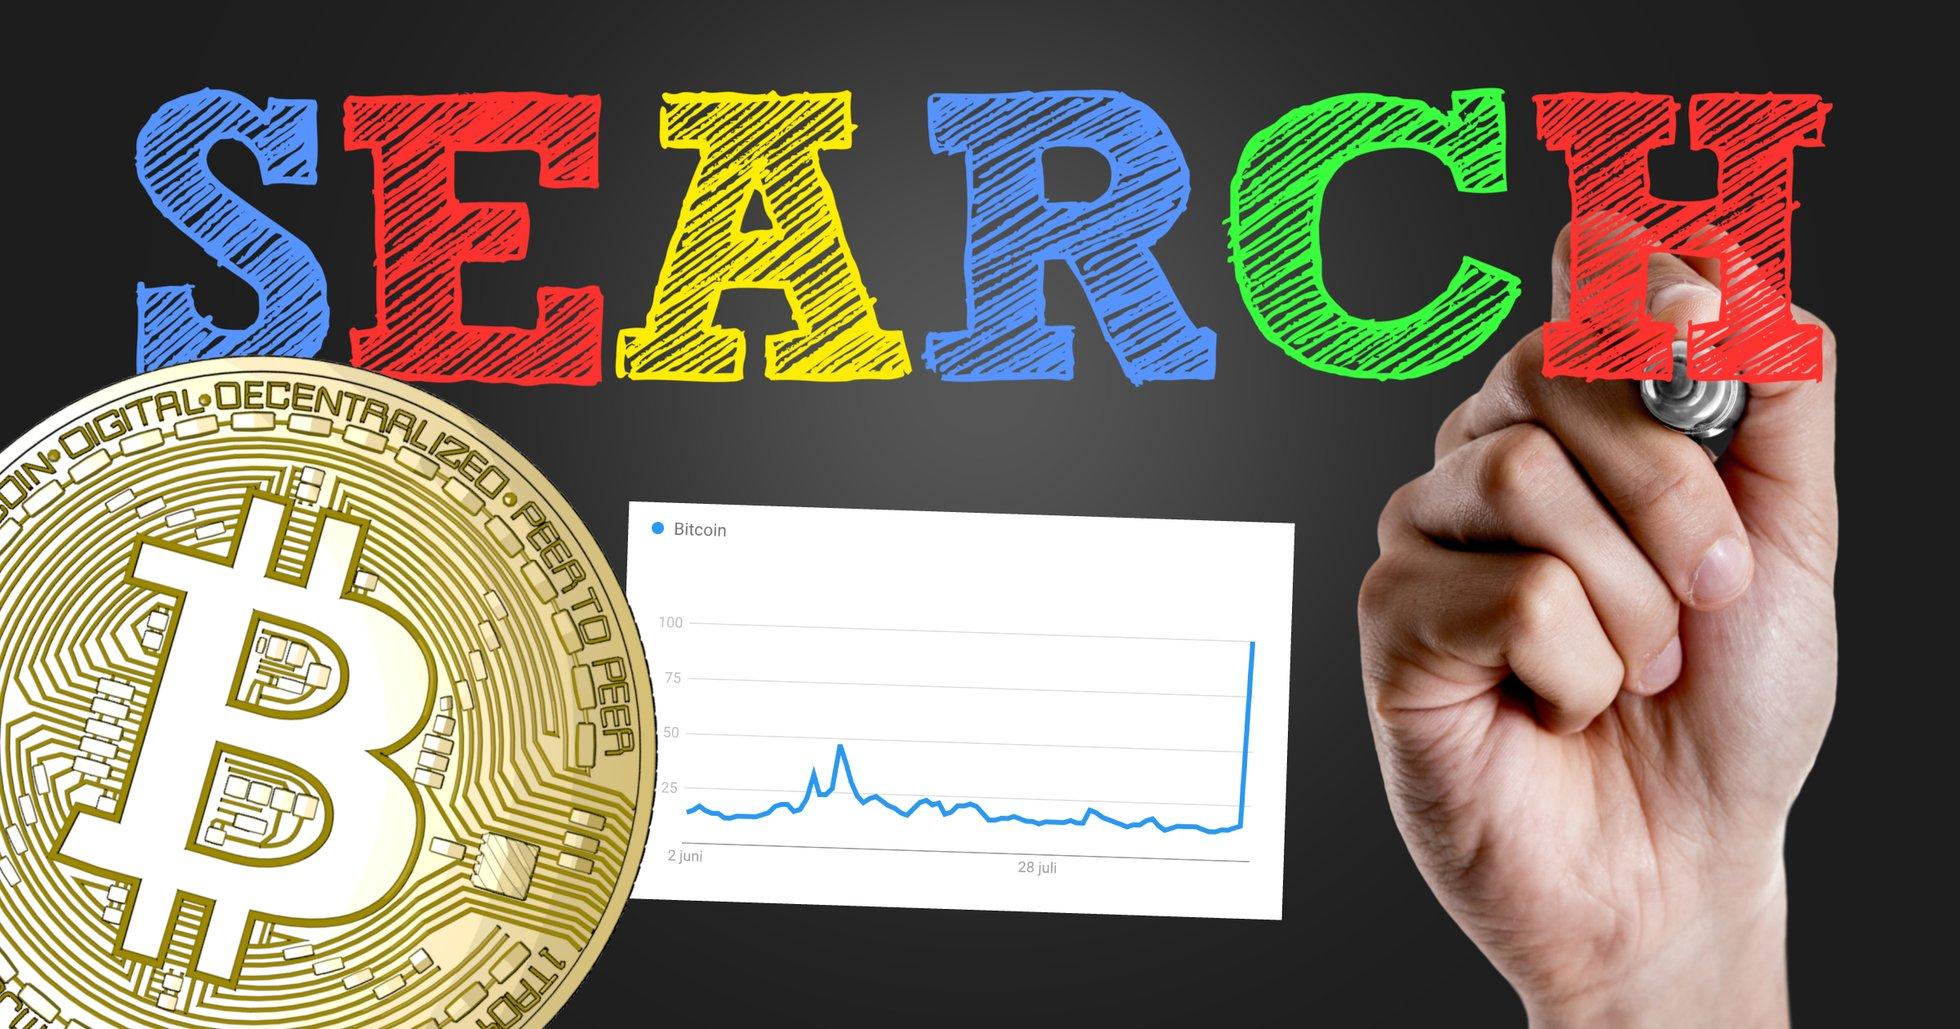 Bitcoinpriset närmar sig 10 000 dollar igen – då rusar antalet googlesökningar.